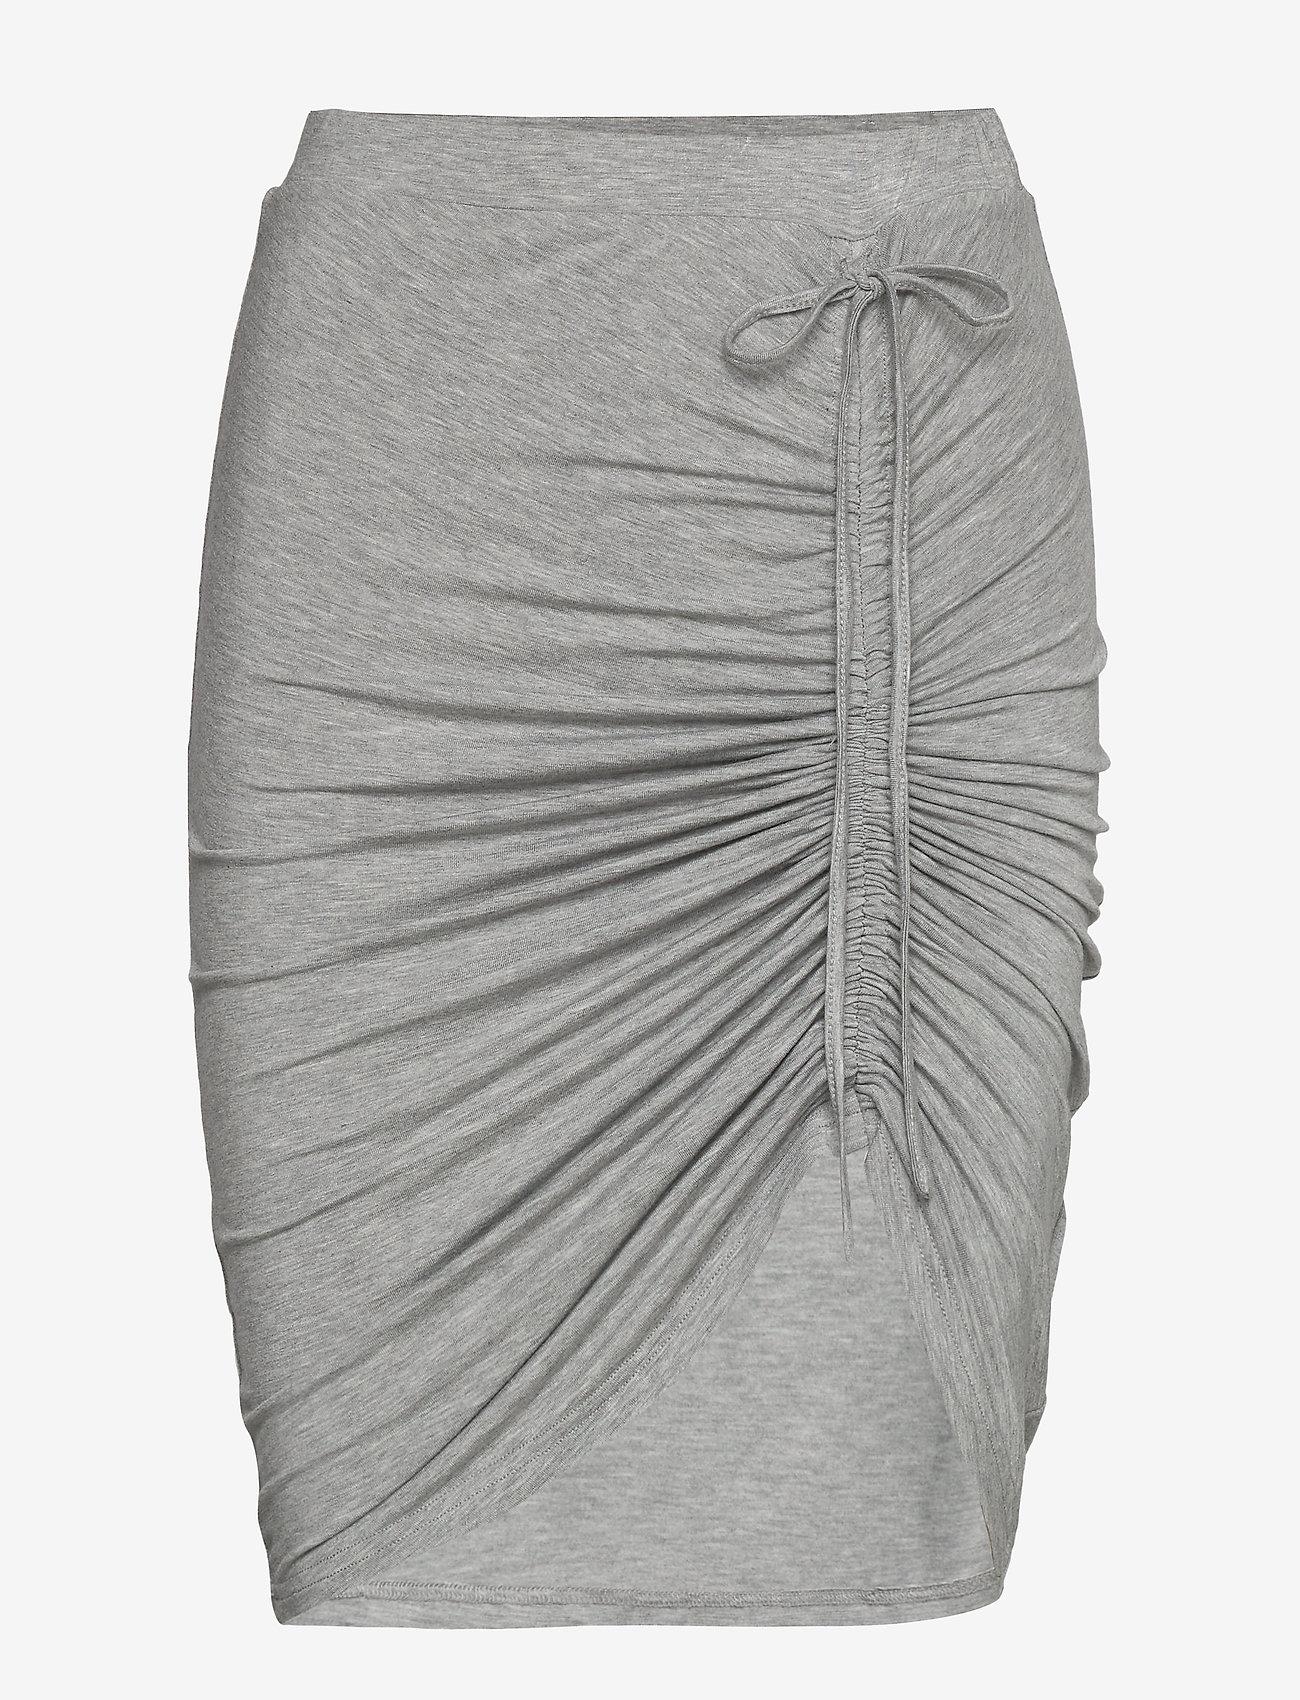 Rosemunde - Skirt - midi - light grey melange - 0